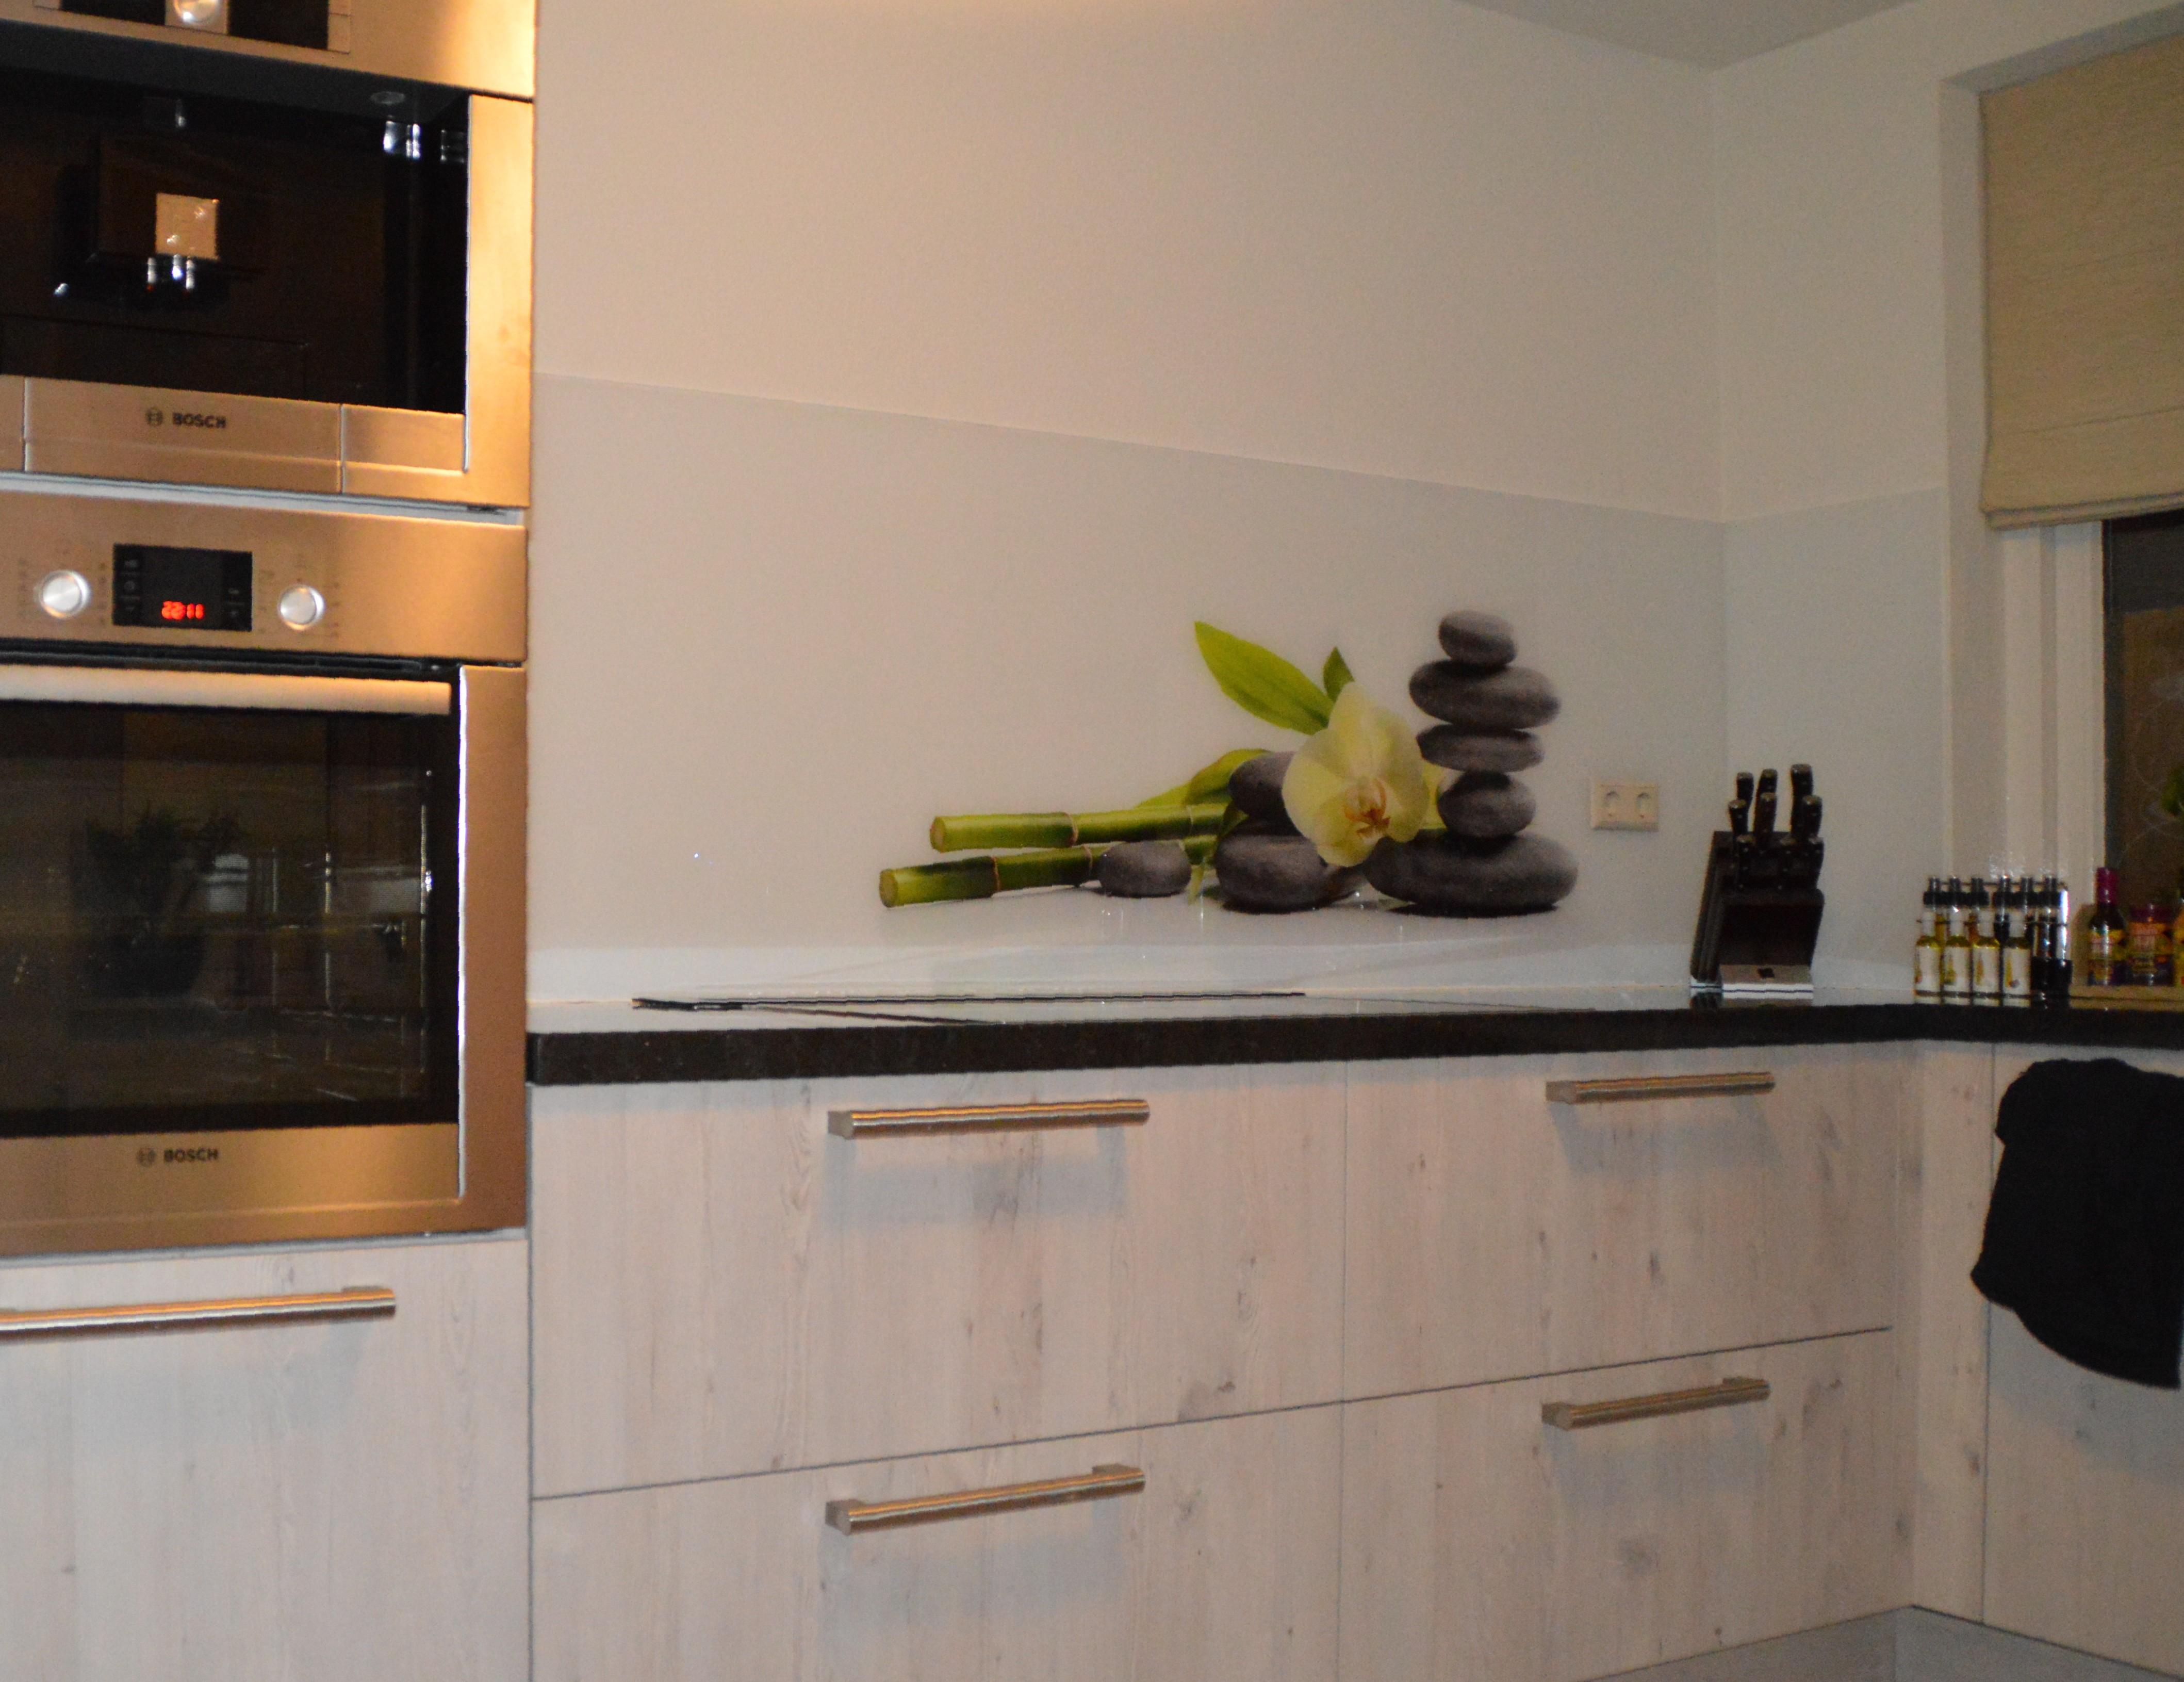 Open Keuken Ideeen – Atumre.com